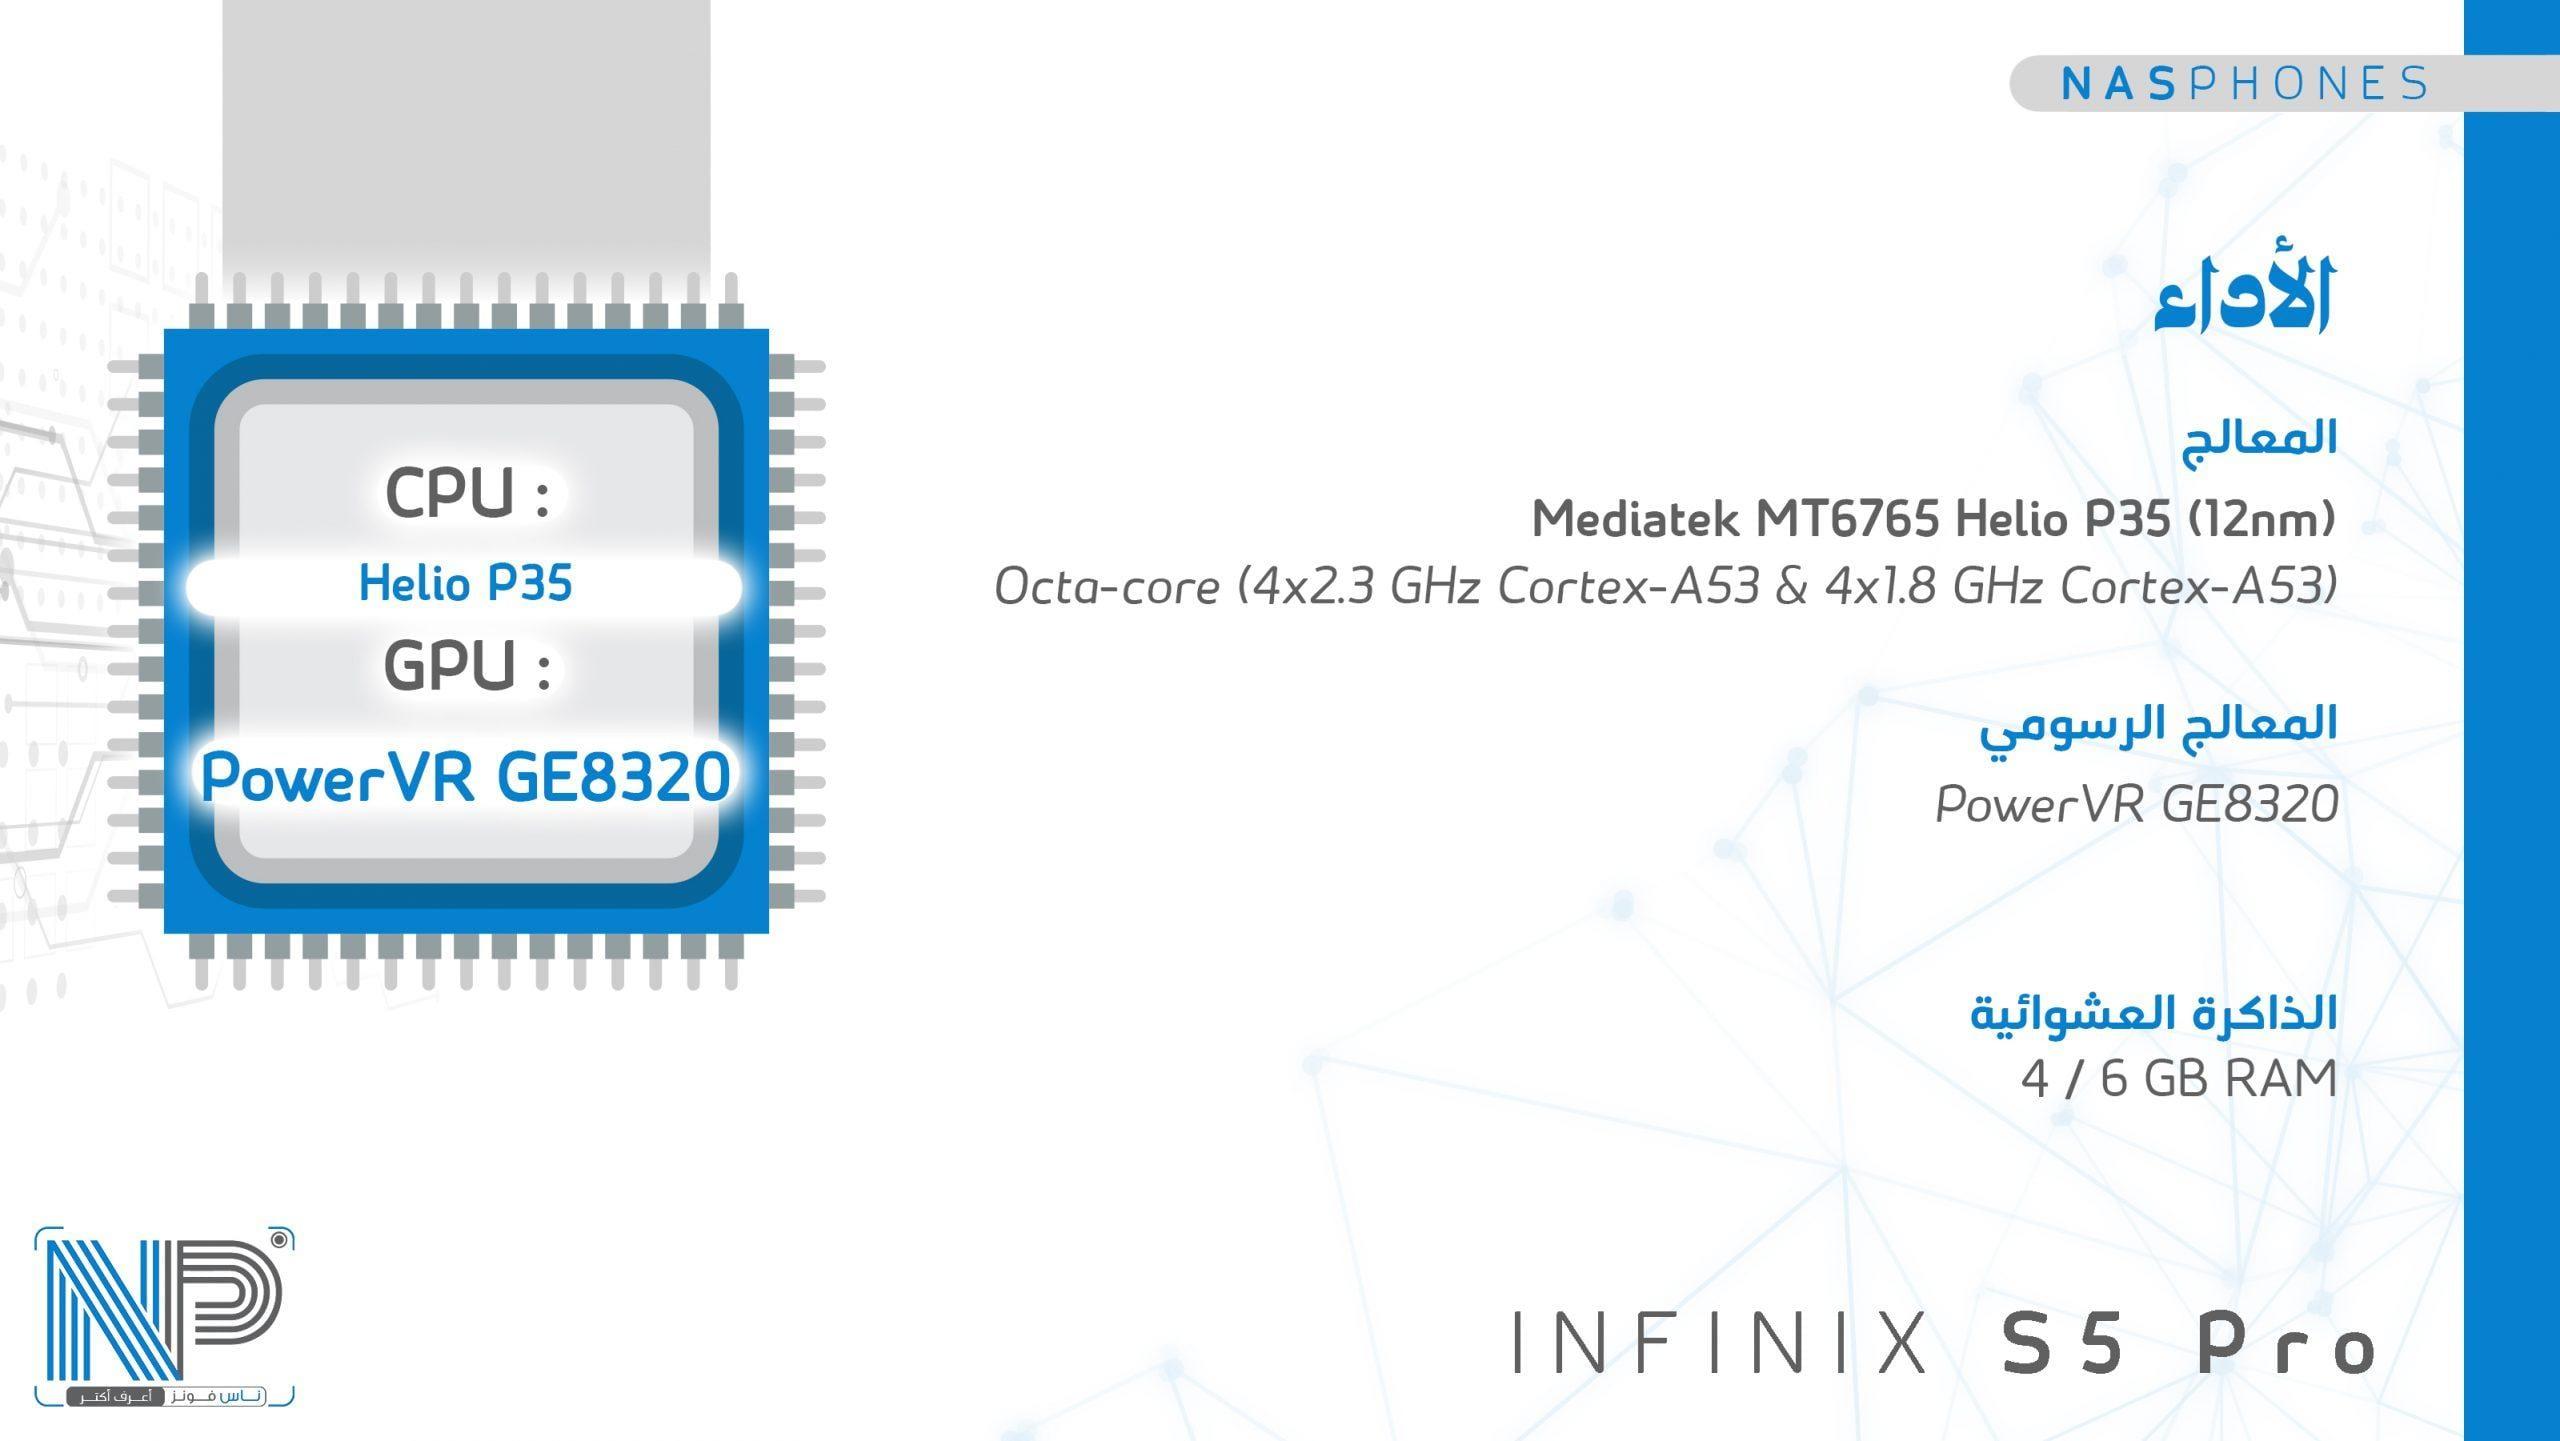 أداء موبايل infinix S5 Pro